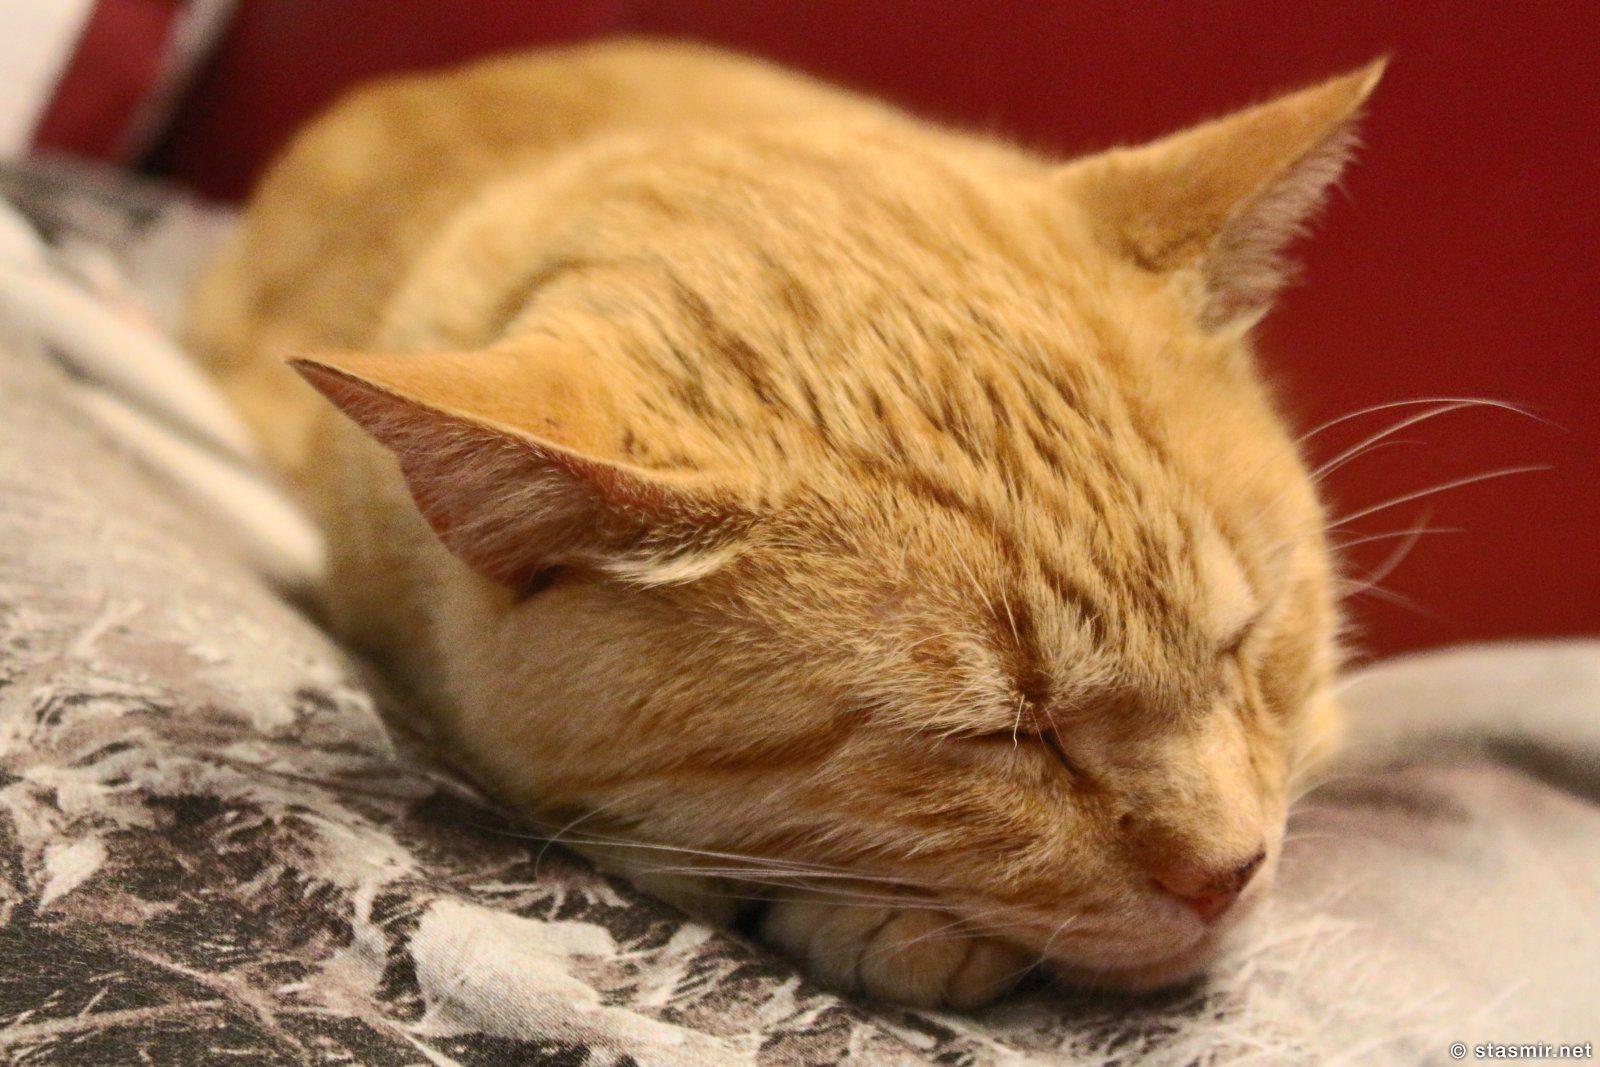 котик под заголовок поста, фото Стасмир, photo Stasmir